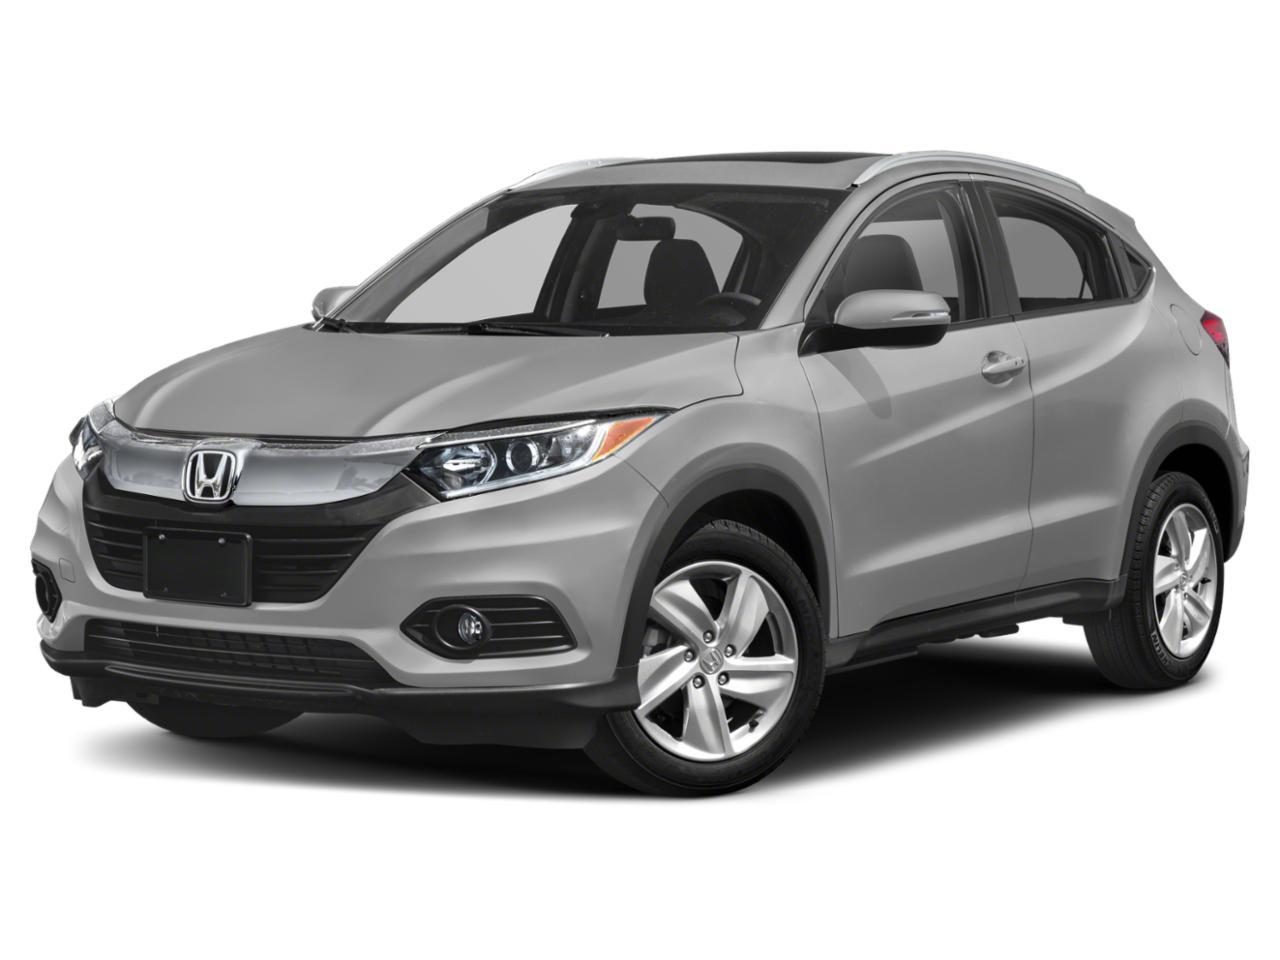 2020 Honda HR-V Vehicle Photo in Oshkosh, WI 54904